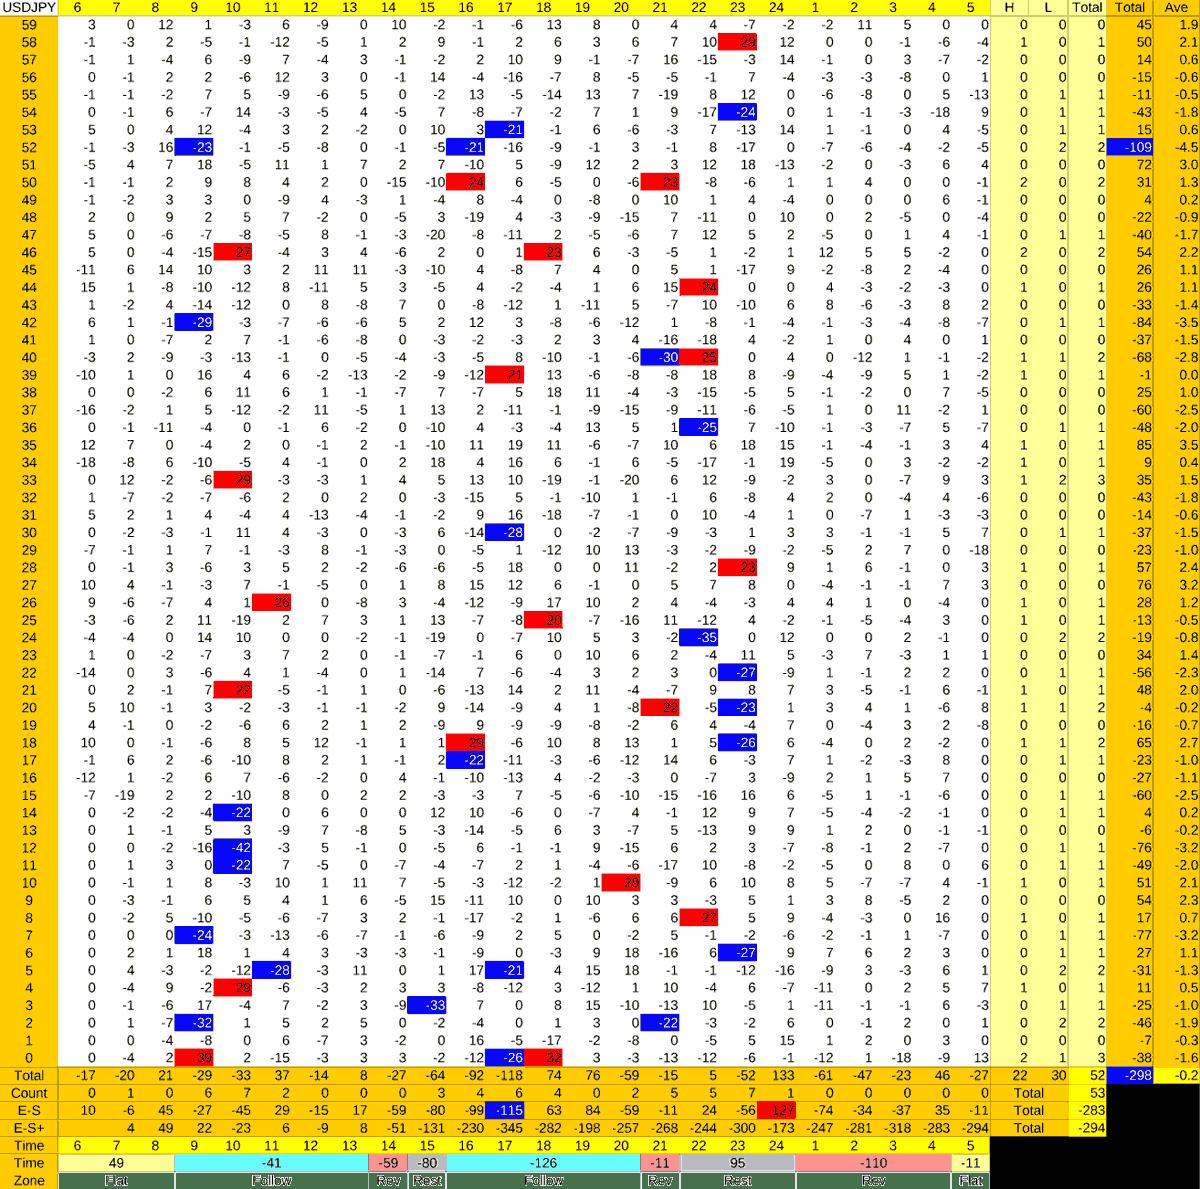 20210518_HS(1)USDJPY-